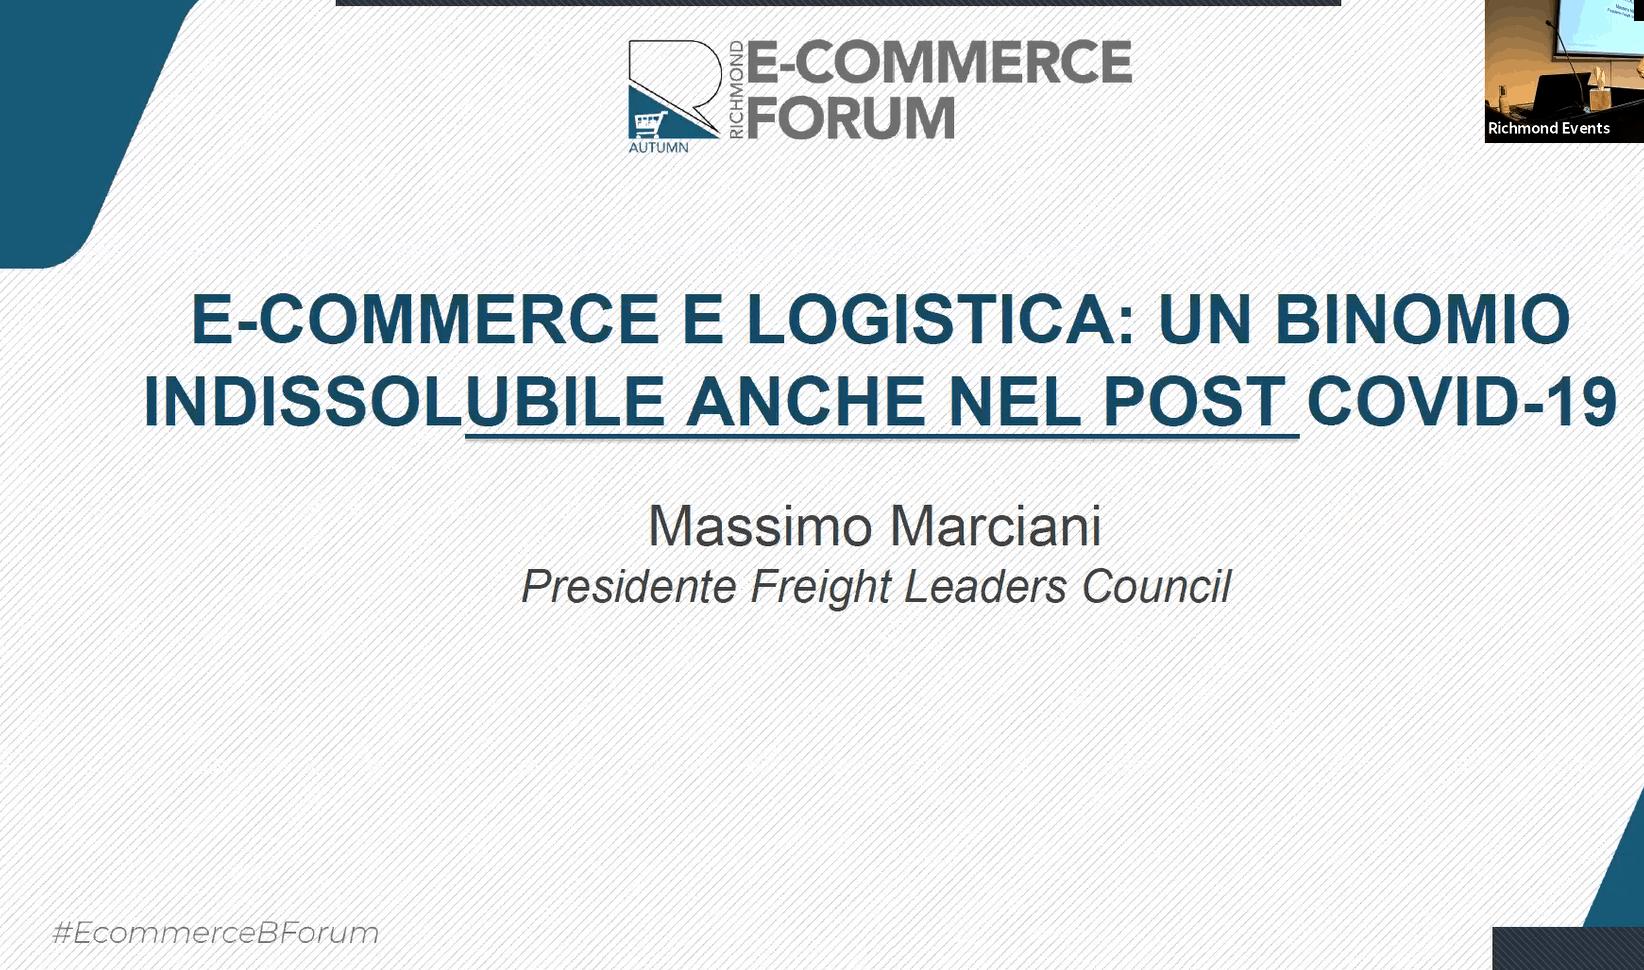 E-commerce e logistica: un binomio indissolubile anche nel post COVID-19 – Rimini 2020